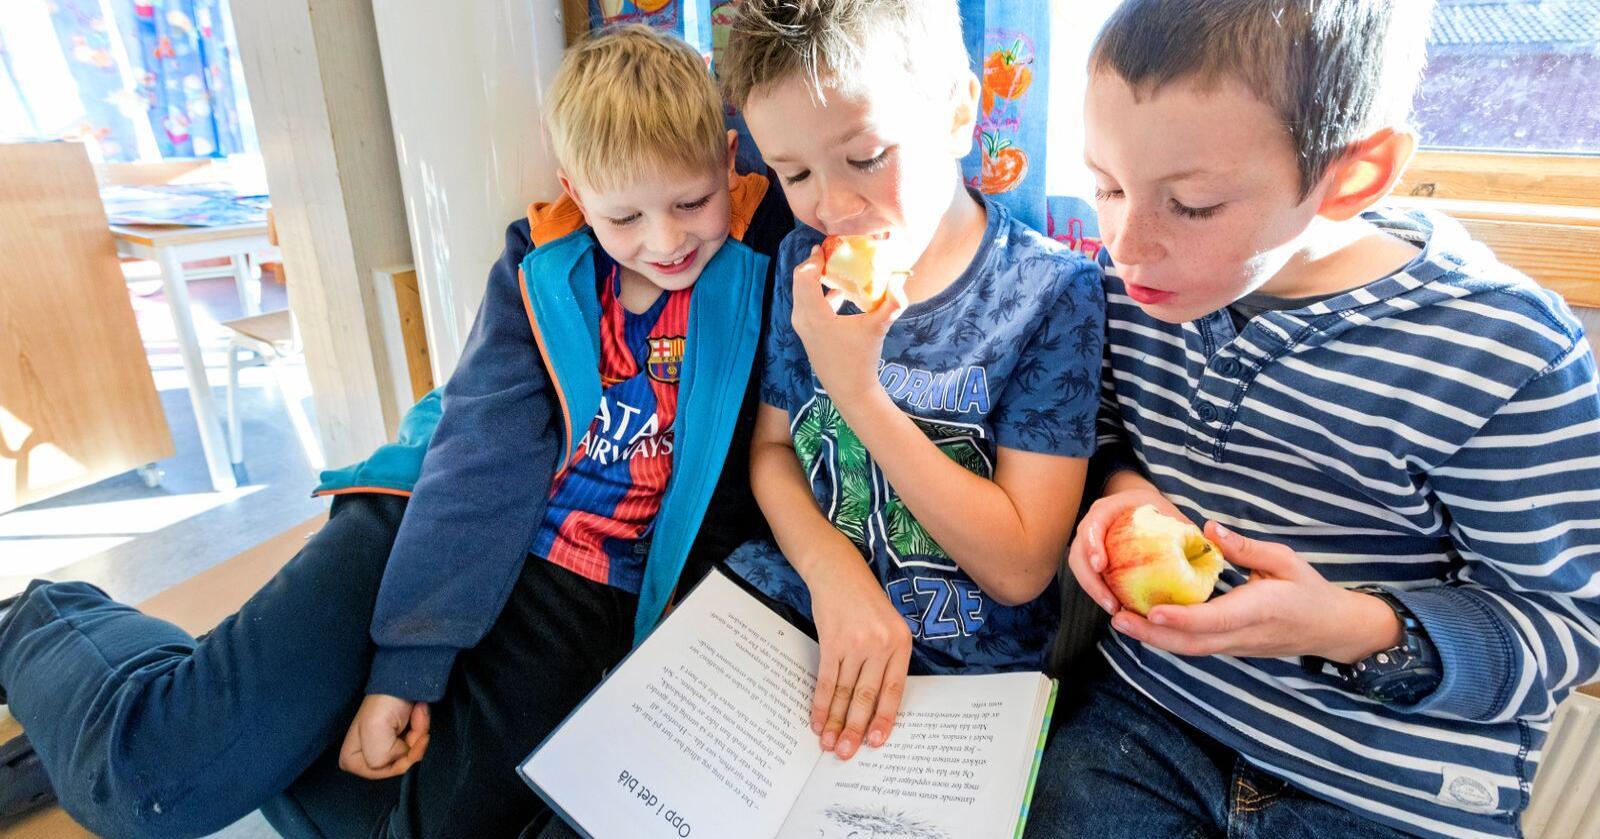 Å treffe spiker og smøre motor er viktig, men å ha gode leseferdigheter og rik språkforståelse er også avgjørende for god læring, et godt liv, skriver Maria Almli. Foto: Gorm Kallestad / NTB scanpix